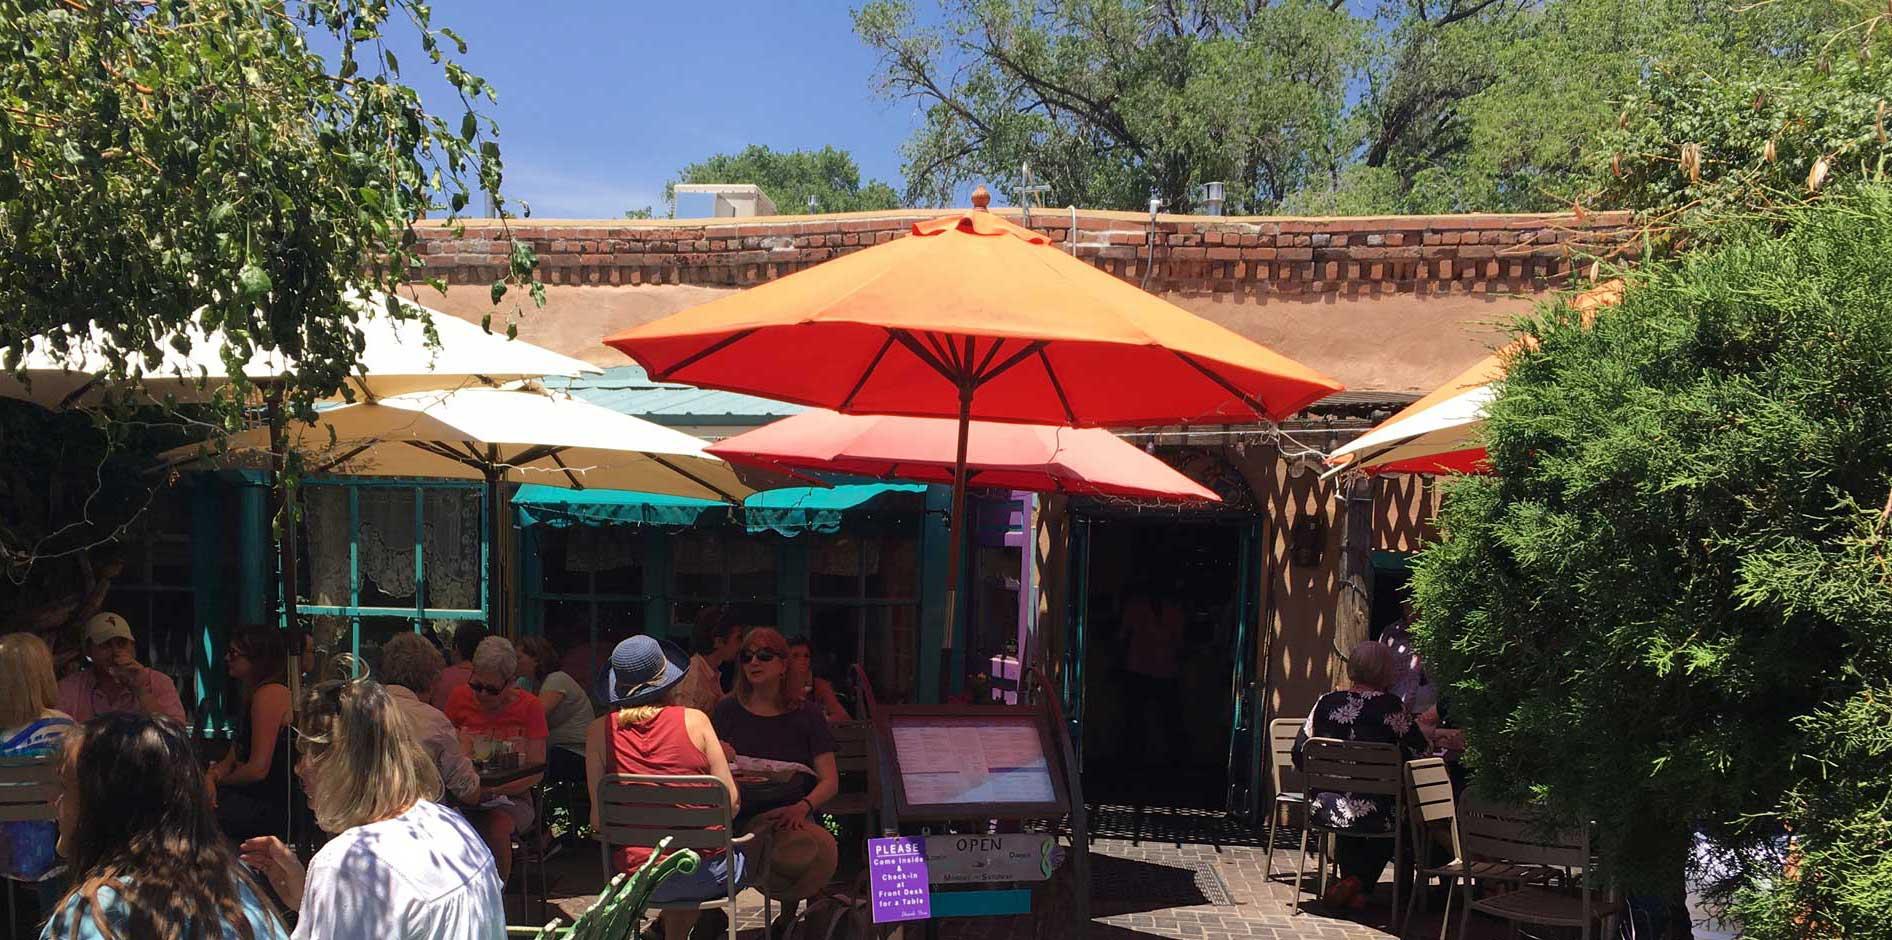 Santa Fe Culinary Experiences